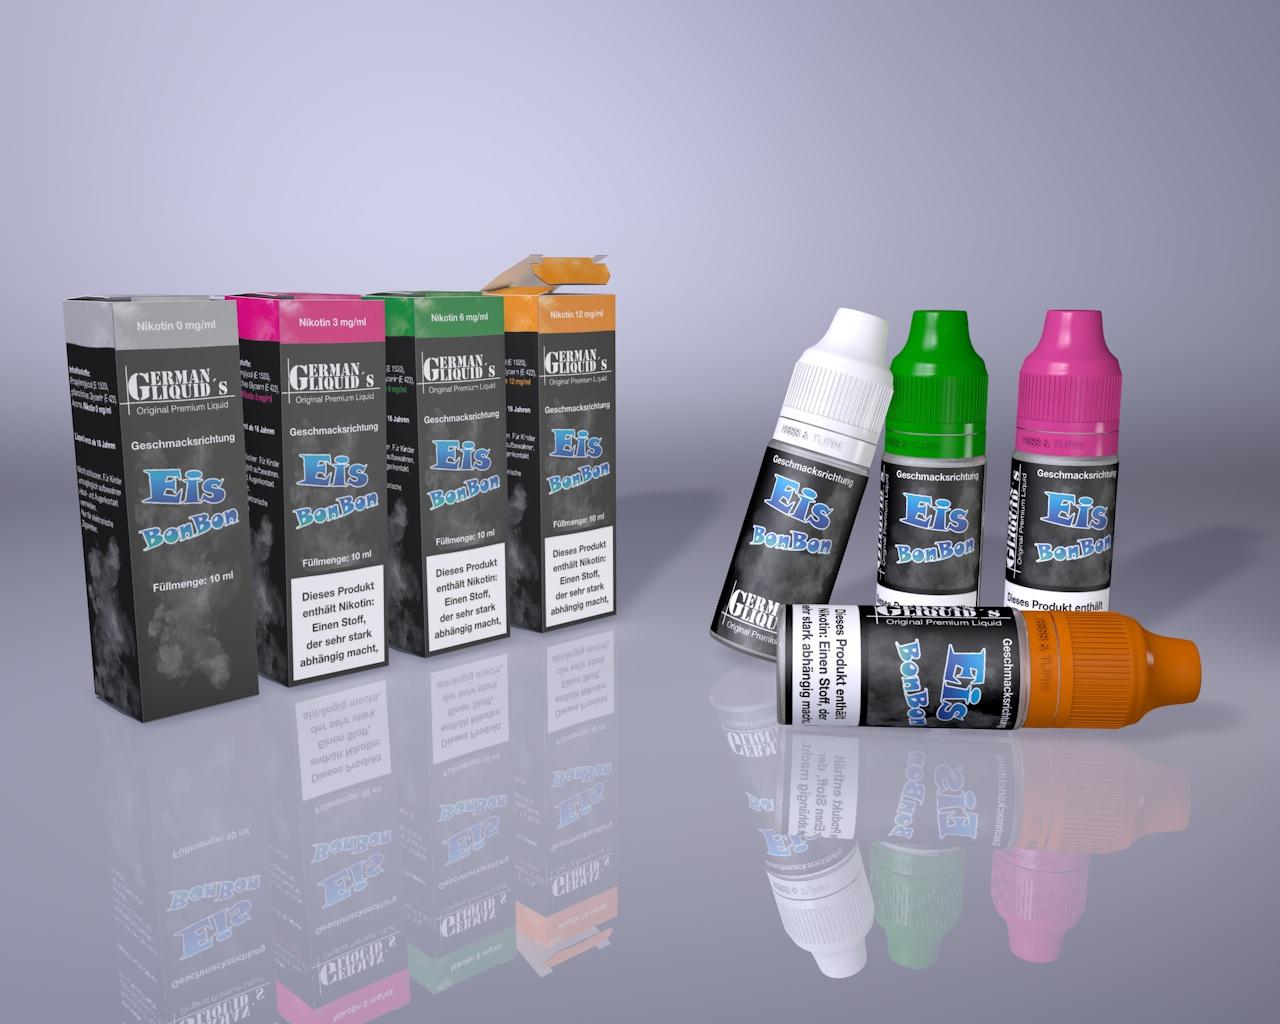 germanliquids.com - germanliquids.serkan-cam.de - Liquid Shop für E-Zigaretten und E-Liquids - Aromen - Liquids - Basen - Zubehör- Hagen